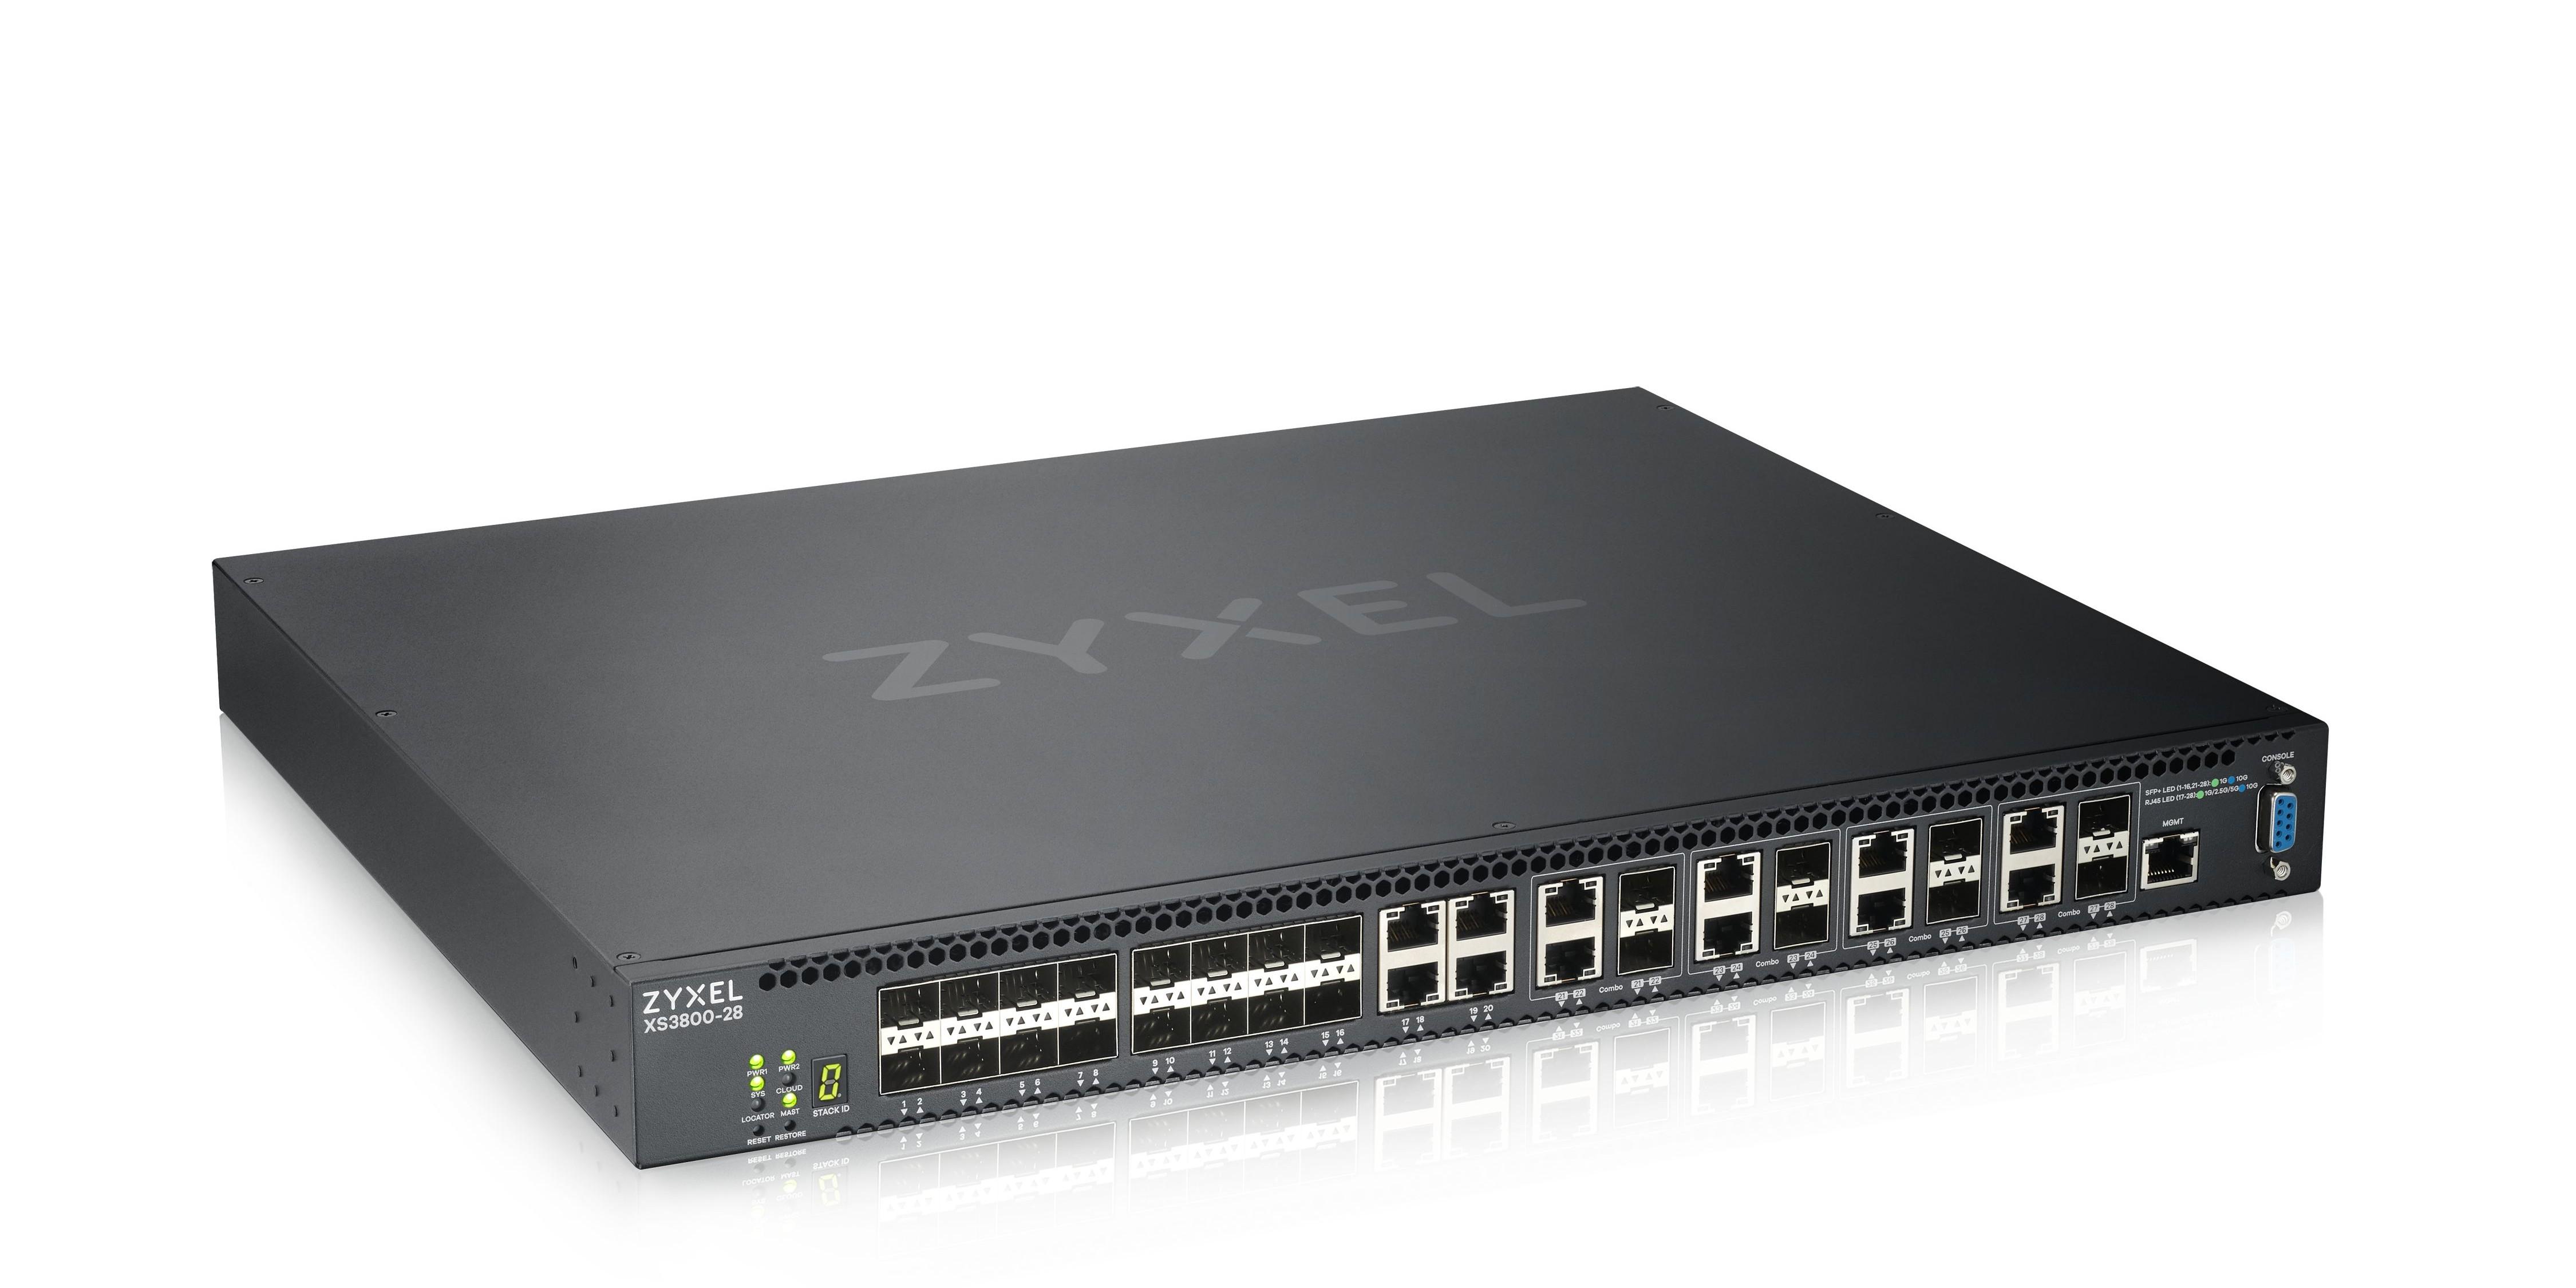 Zyxel révolutionne les réseaux des PME et des campus avec le switch XS3800-28